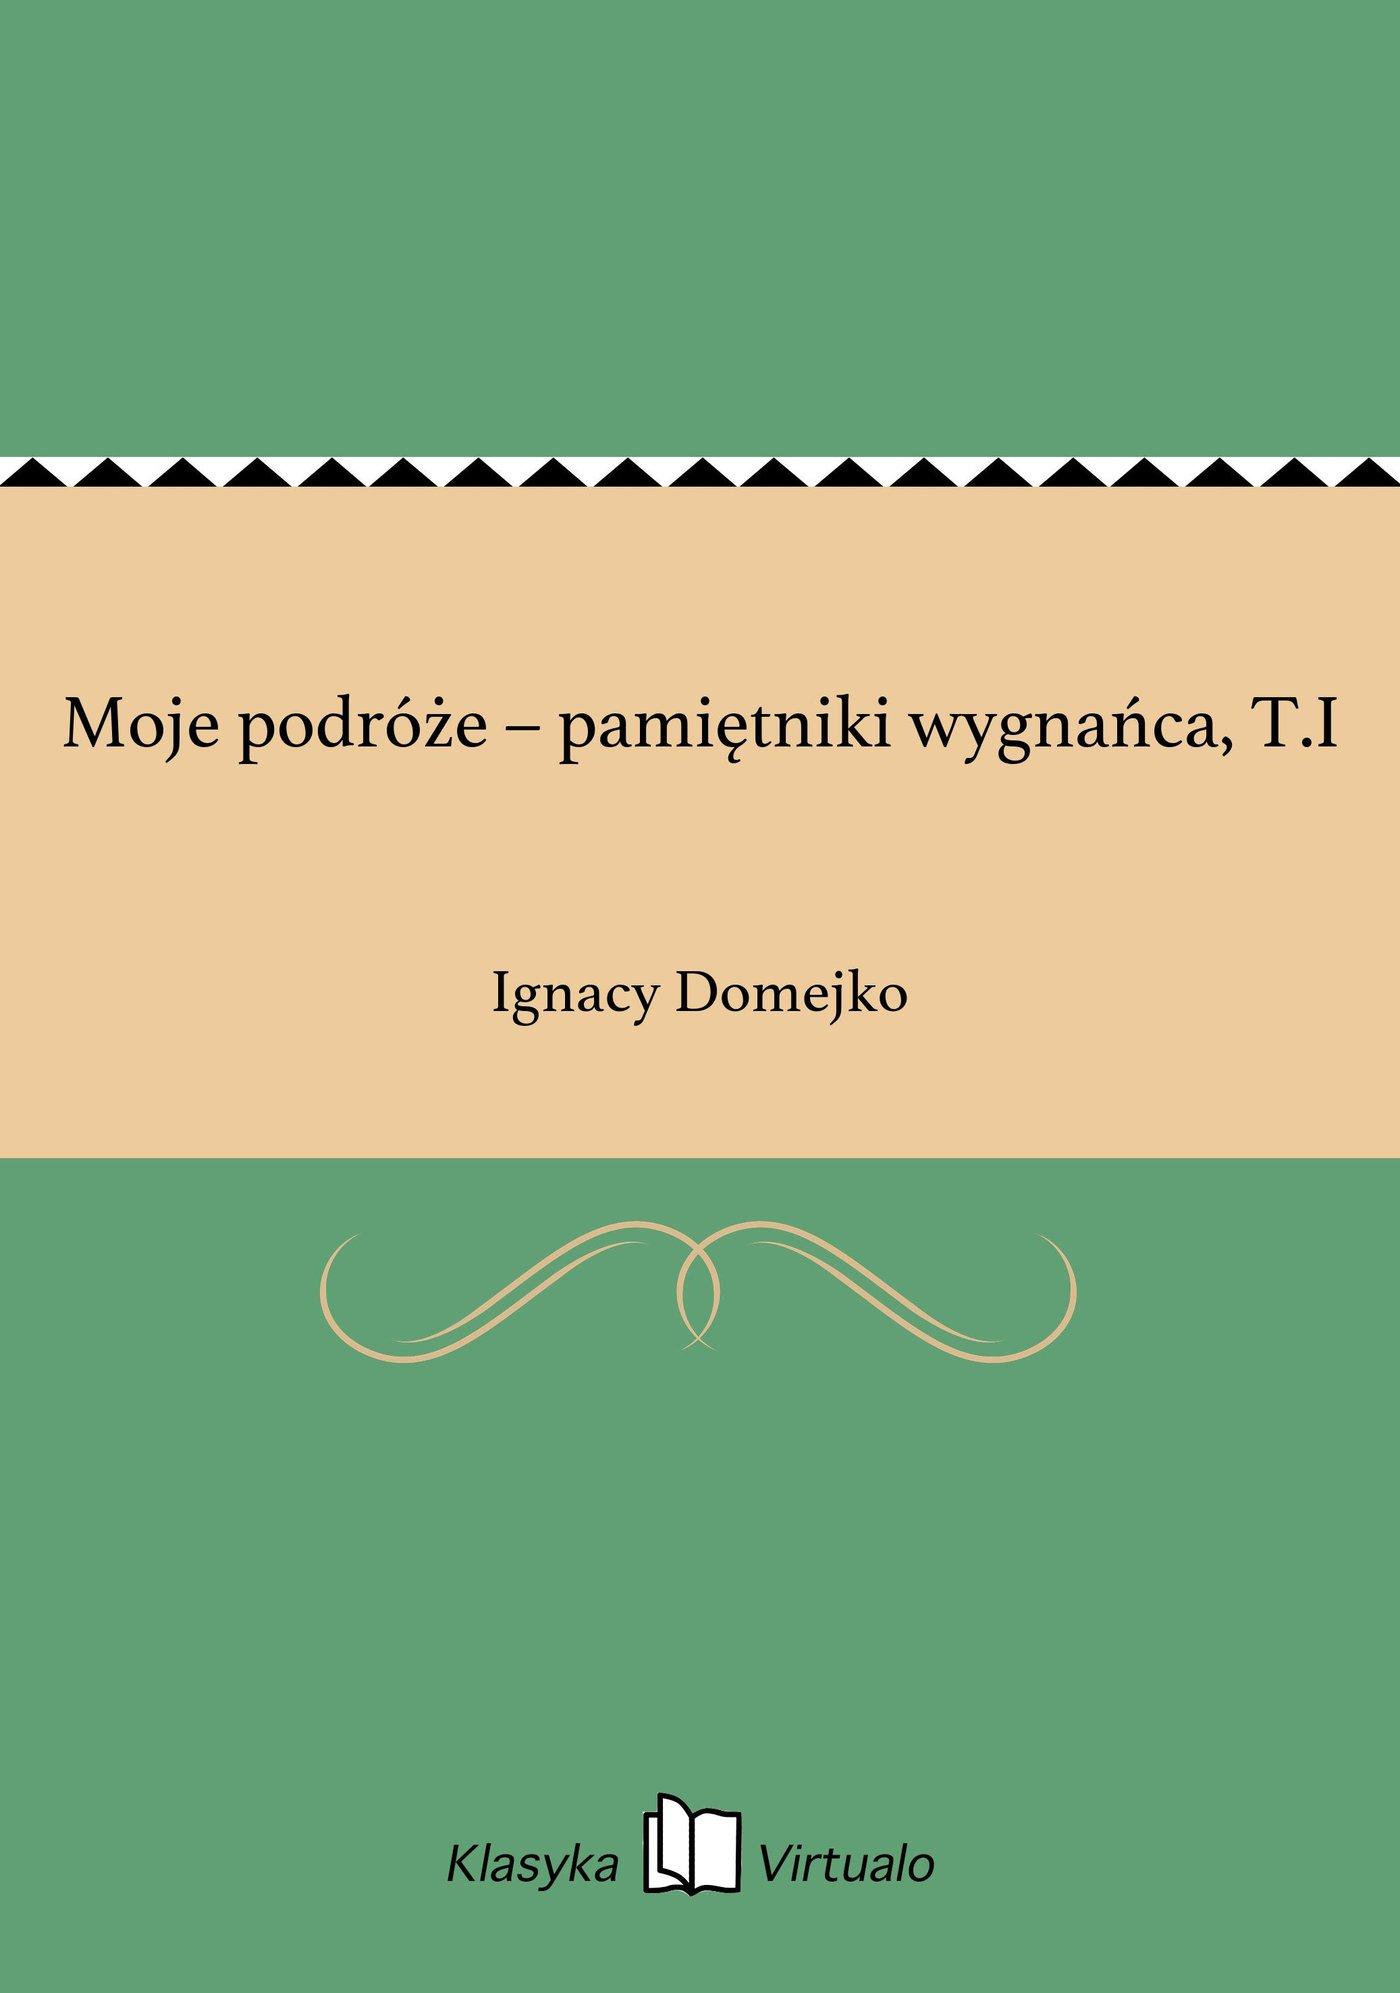 Moje podróże – pamiętniki wygnańca, T.I - Ebook (Książka EPUB) do pobrania w formacie EPUB